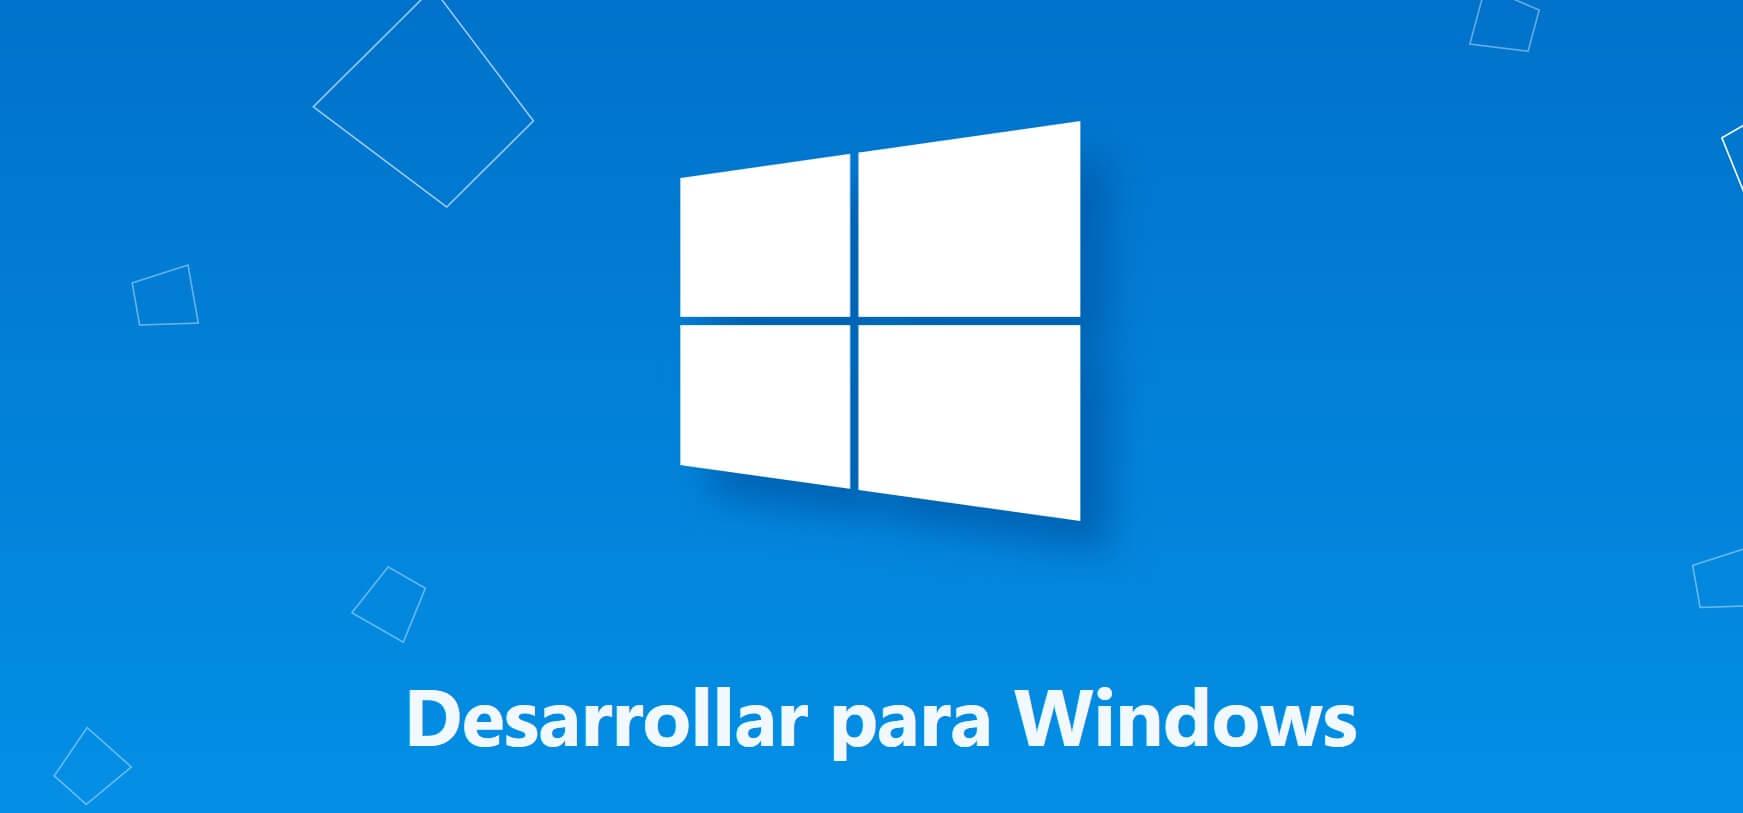 Microsoft anuncia las fechas del fin de las aplicaciones para Windows Phone 8 y Windows 8